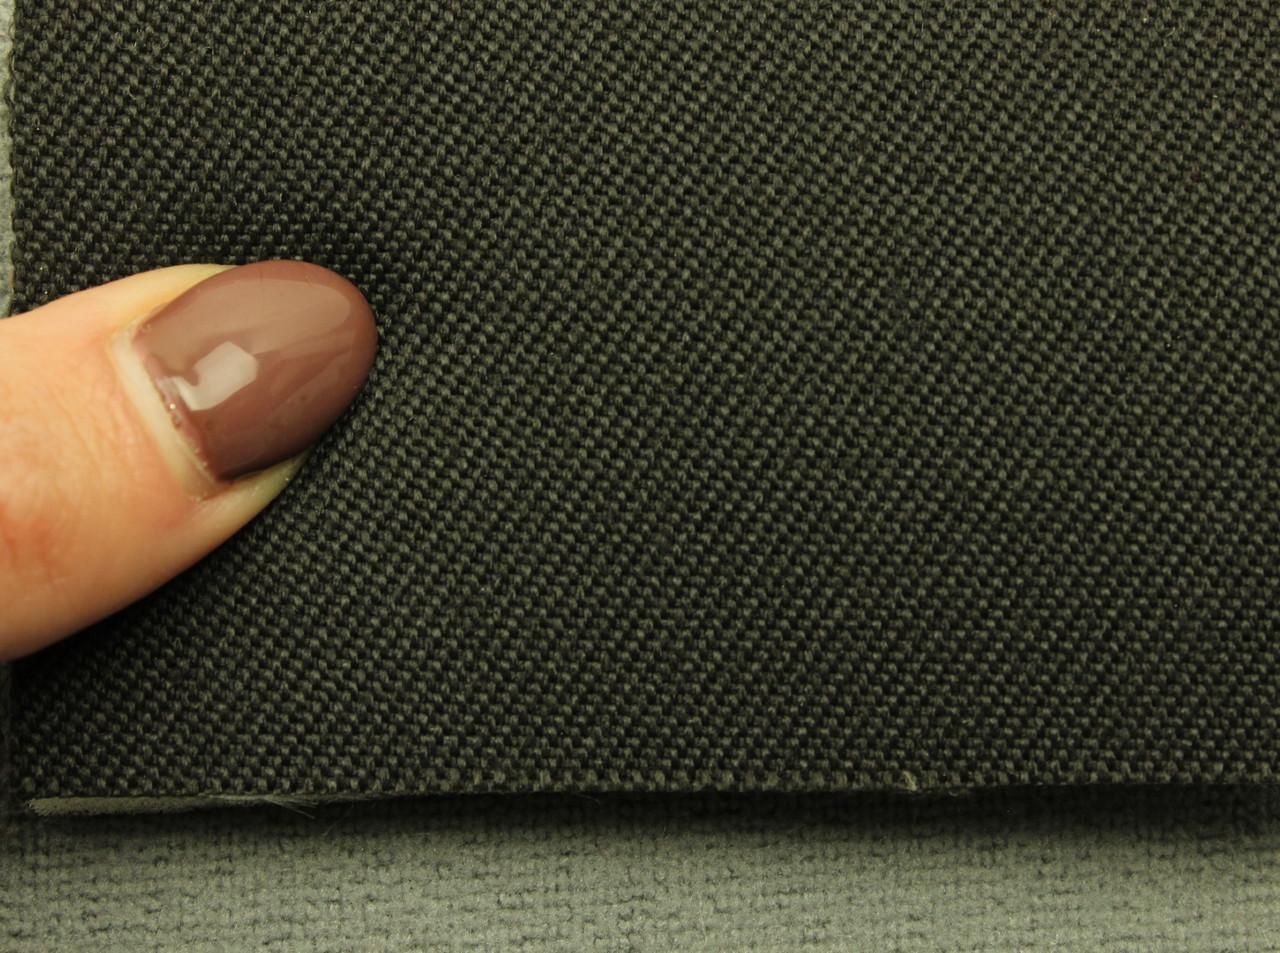 Ткань для сидений автомобиля, цвет черный, на поролоне (для боковой части) Германия